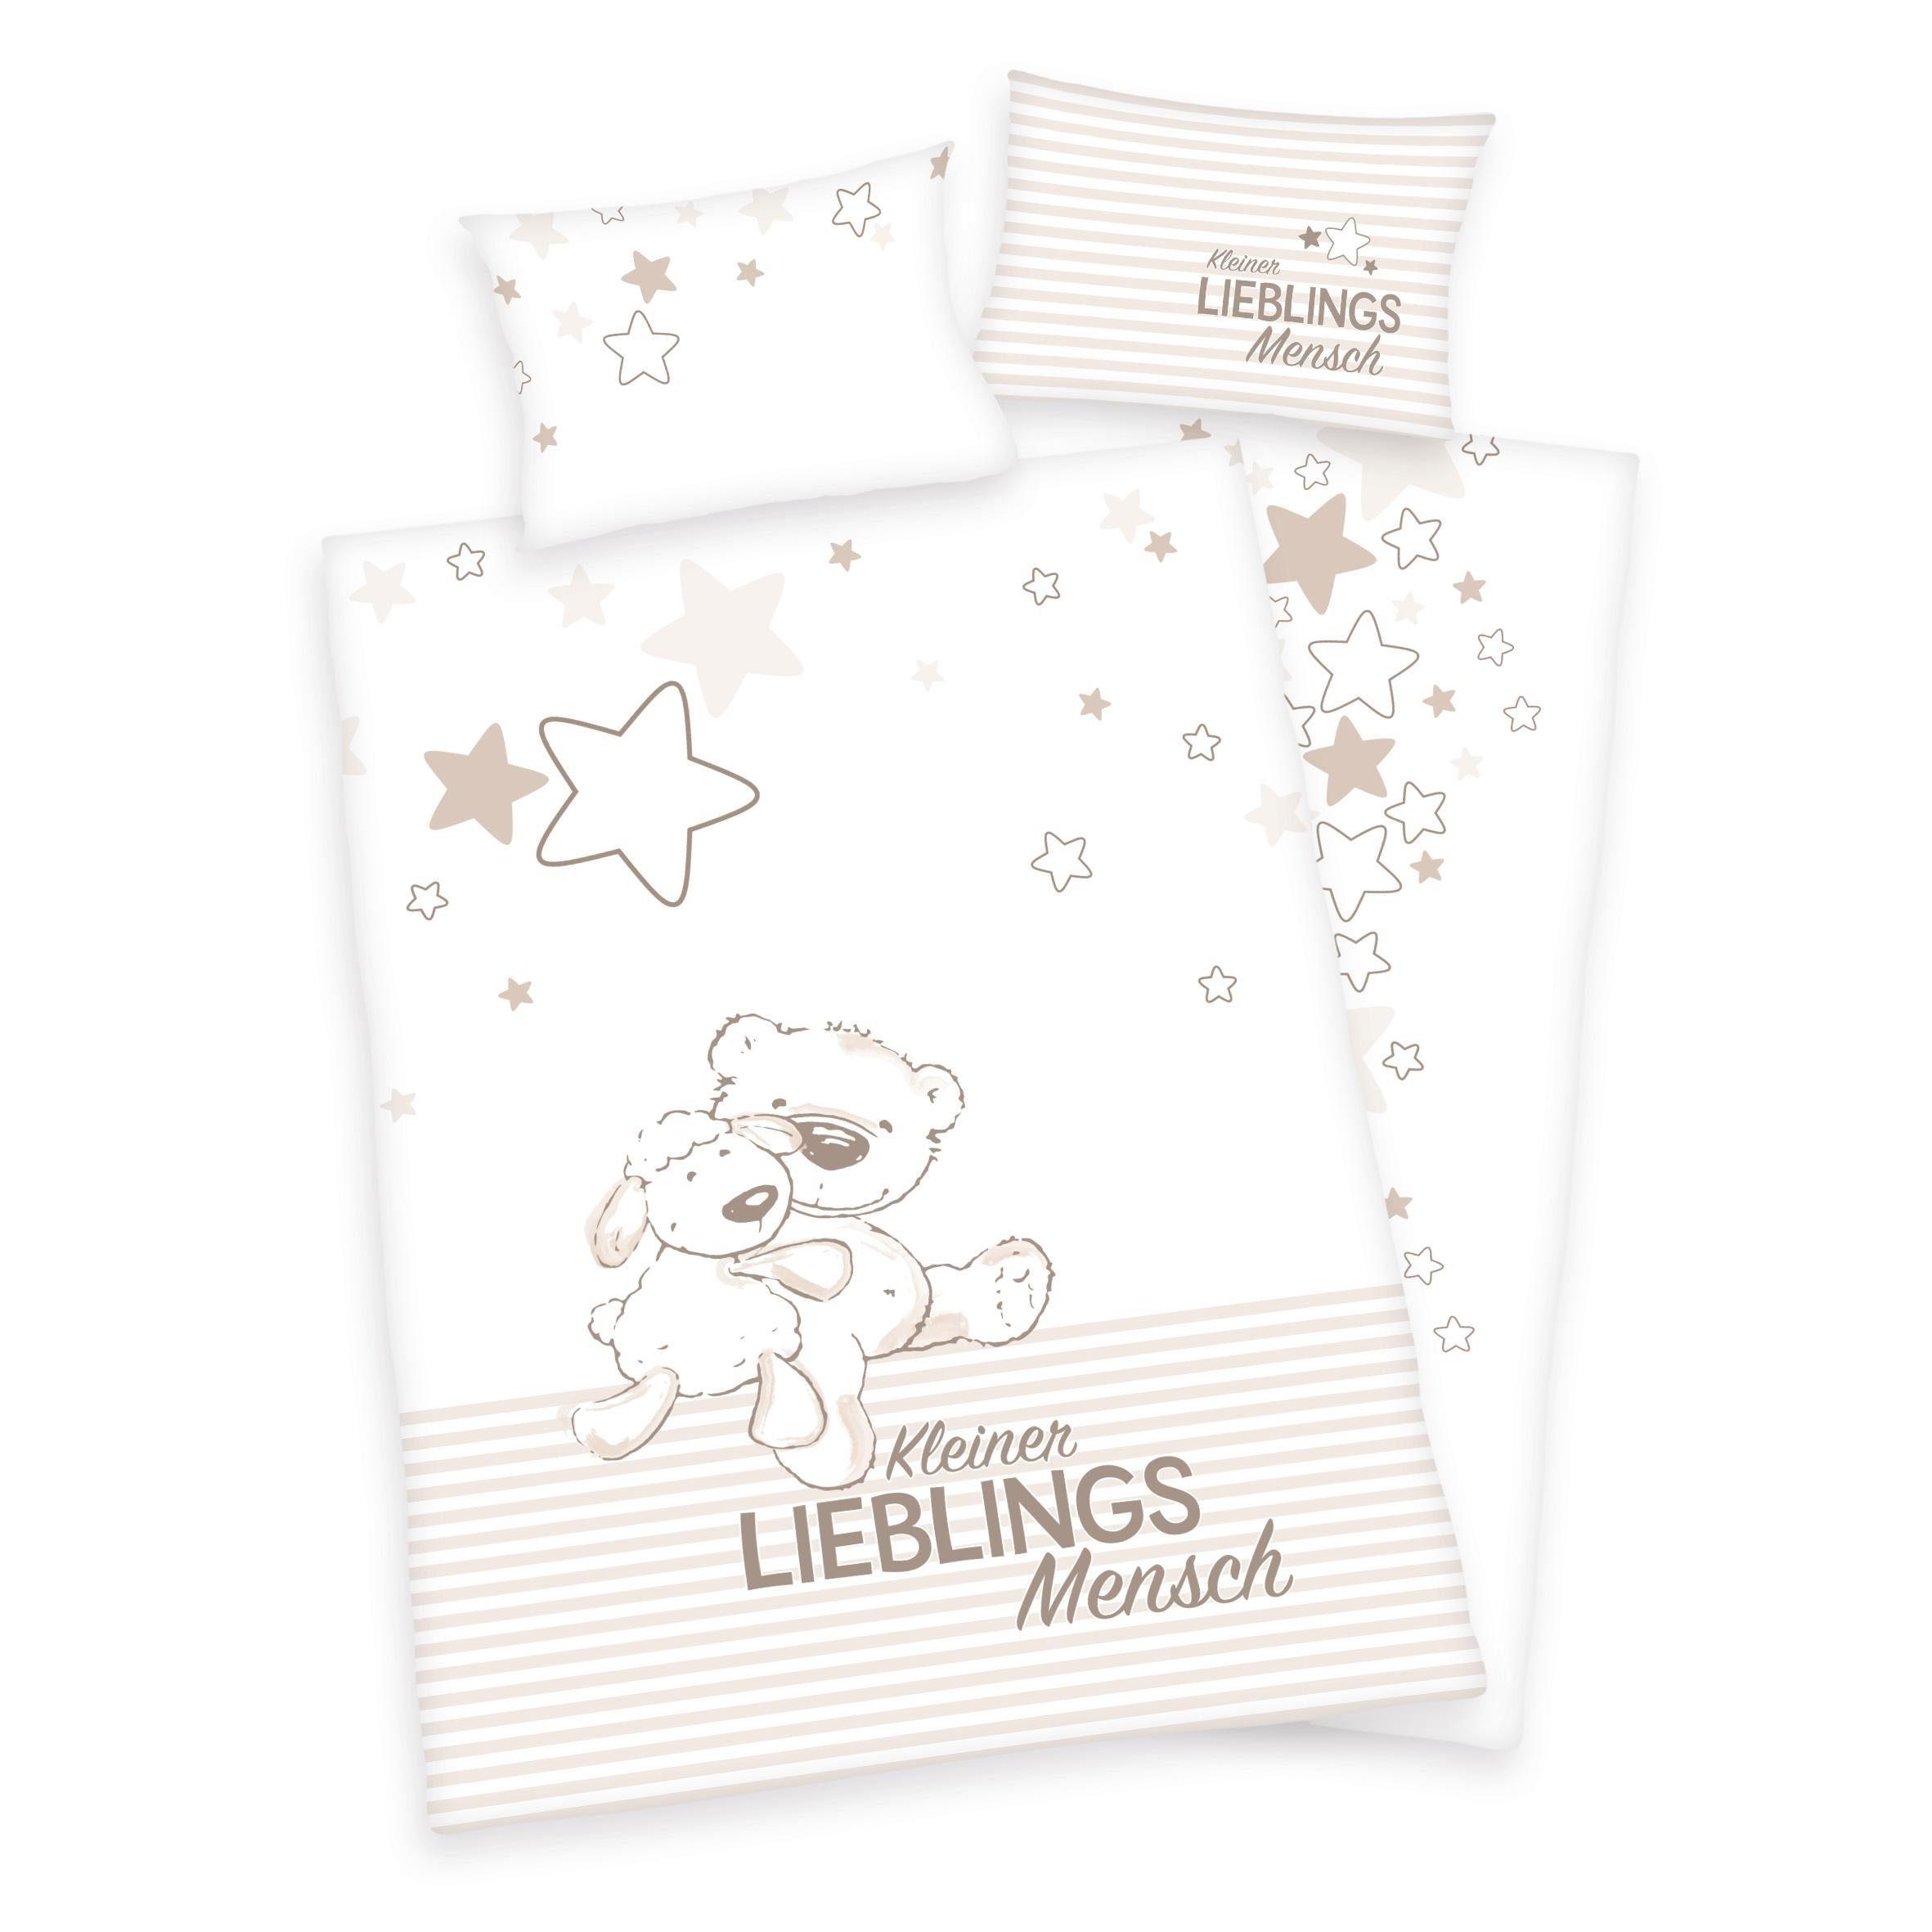 Babybettwäsche, Herding, »Kleiner Lieblingsmensch«, Mit Teddy und Schaf